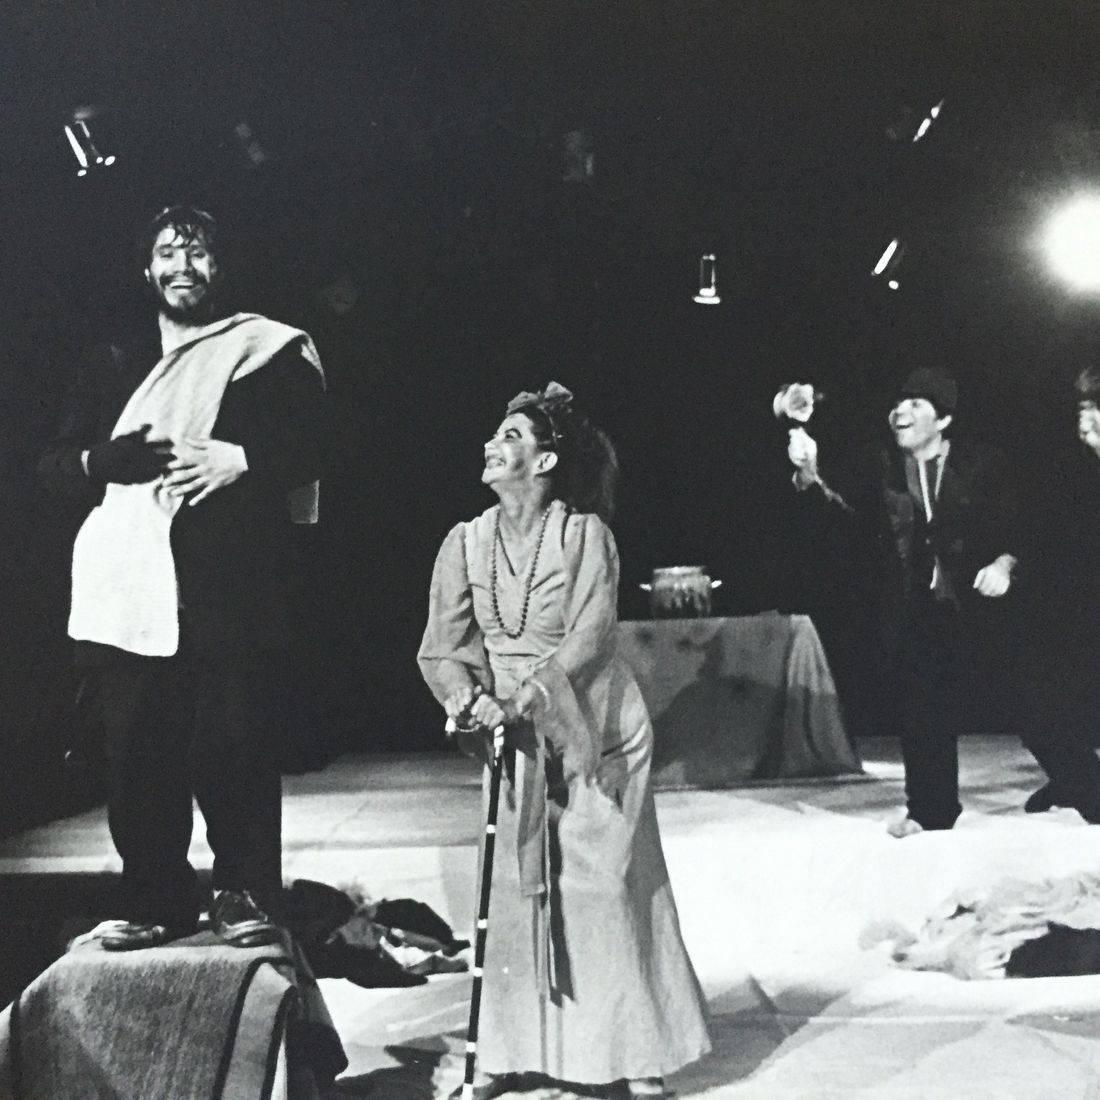 La orgía  by Enrique Buenaventura, directed by Gustavo Gac-Artigas, actors: Freddy Rojas, Perla Valencia, Jaime Ptrat Corona and Gustavo Gac-Artigas